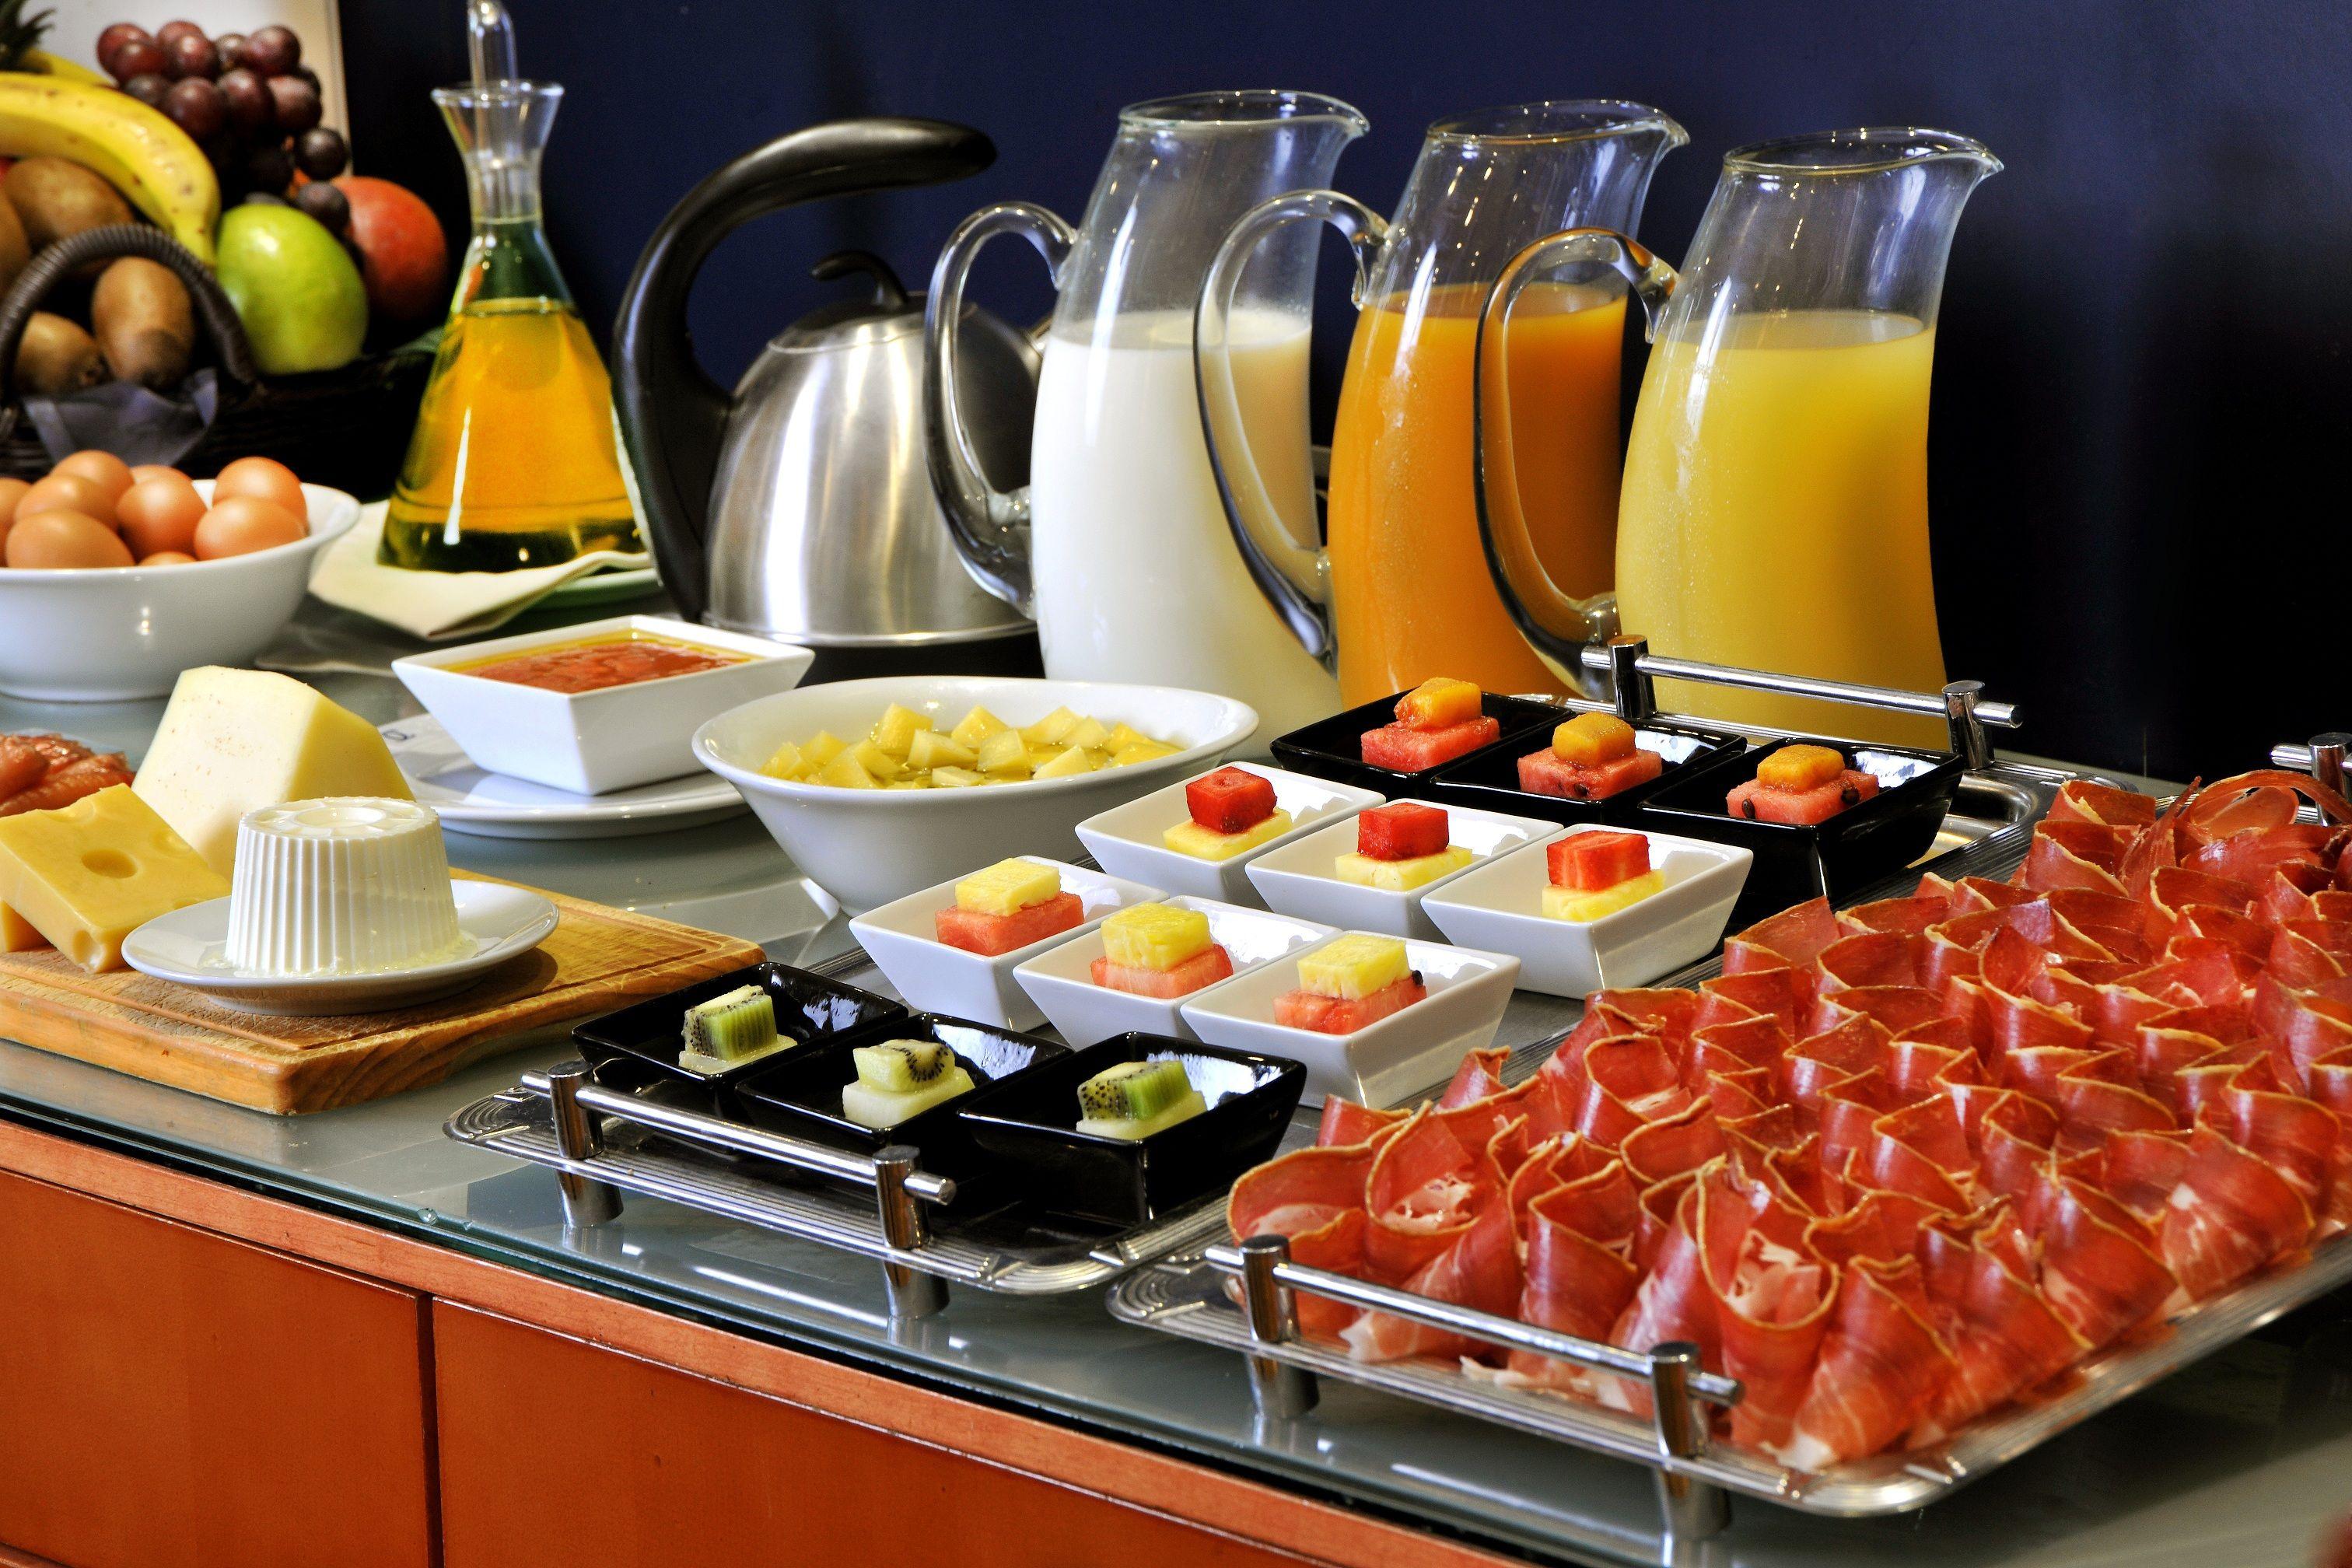 Buffet de desayunos la novena desayunos brunch pinterest buffet de desayuno buffet y desayuno - Mesas de desayuno ...